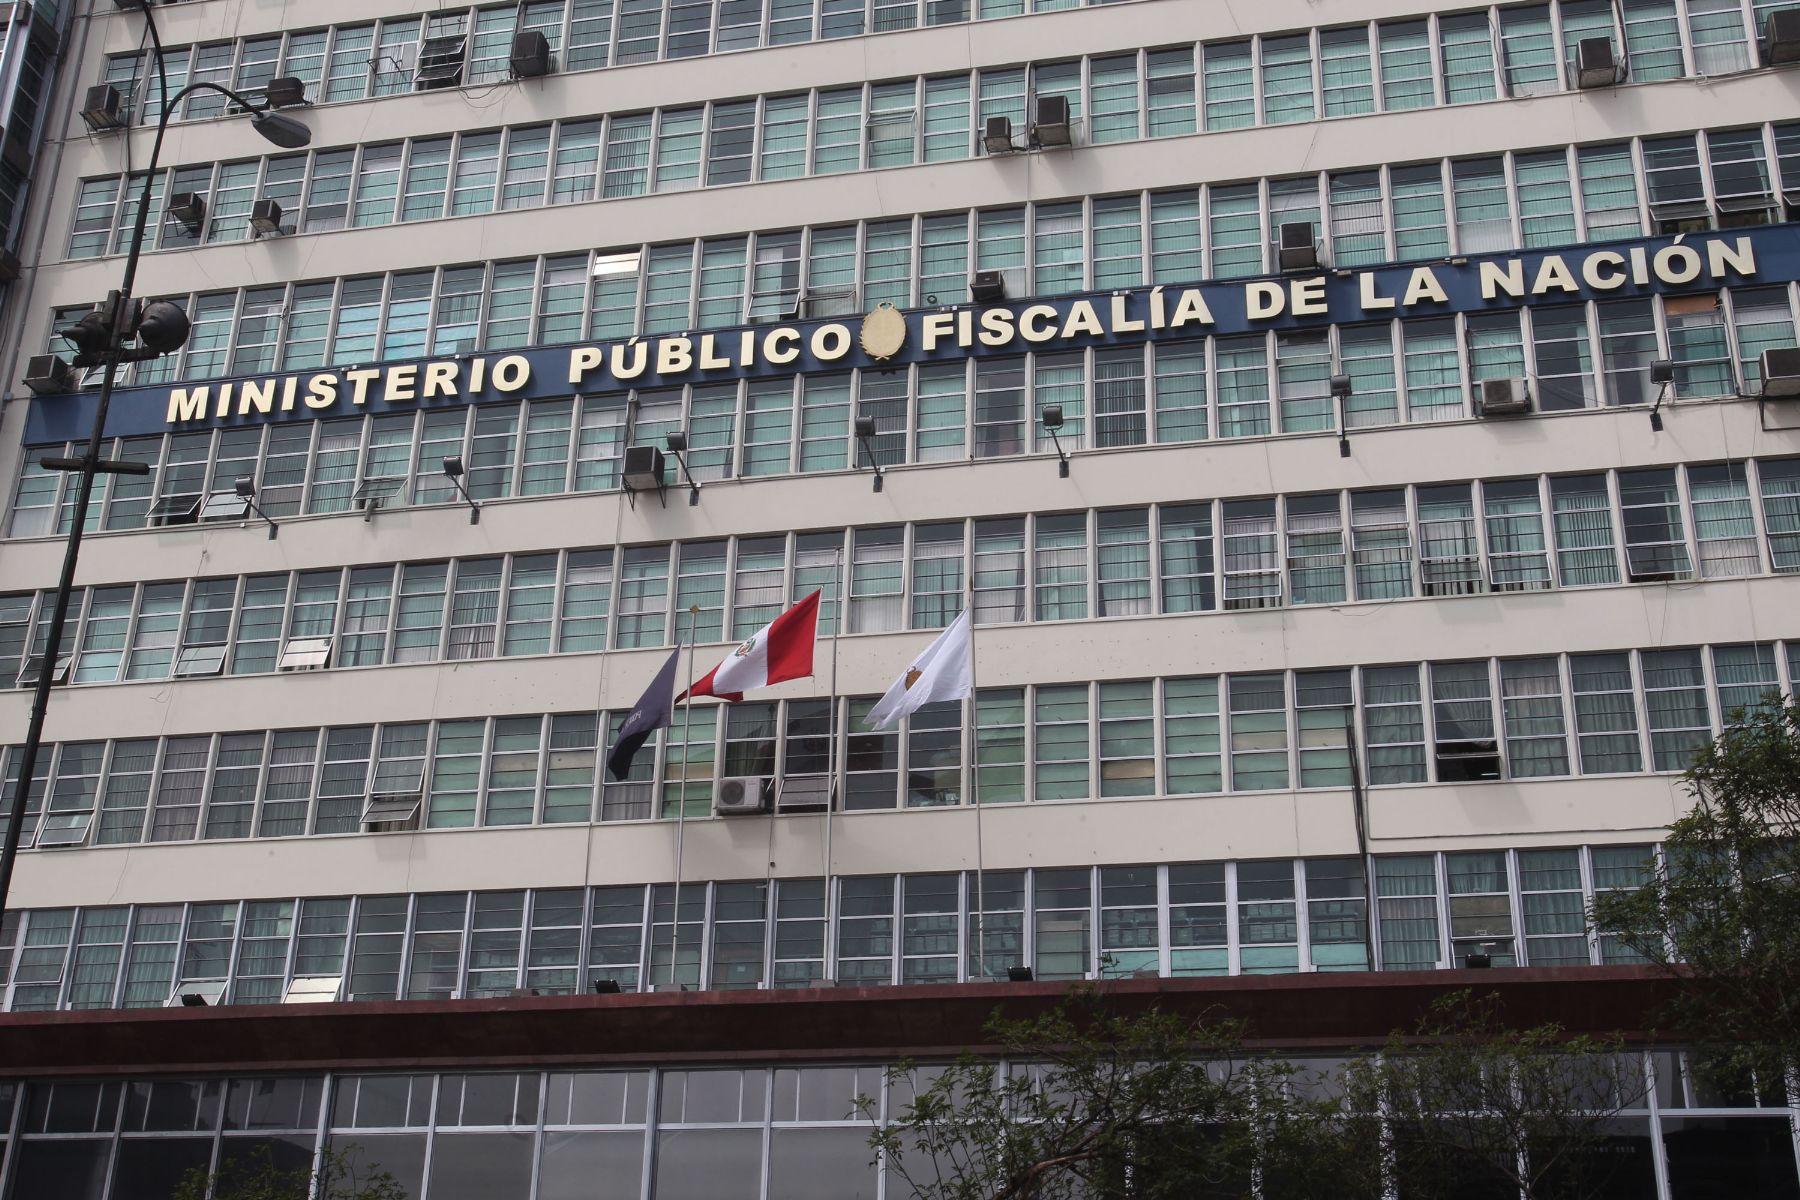 Ministerio p blico reubica las sedes de las fiscal as for Ministerio del interior migraciones peru